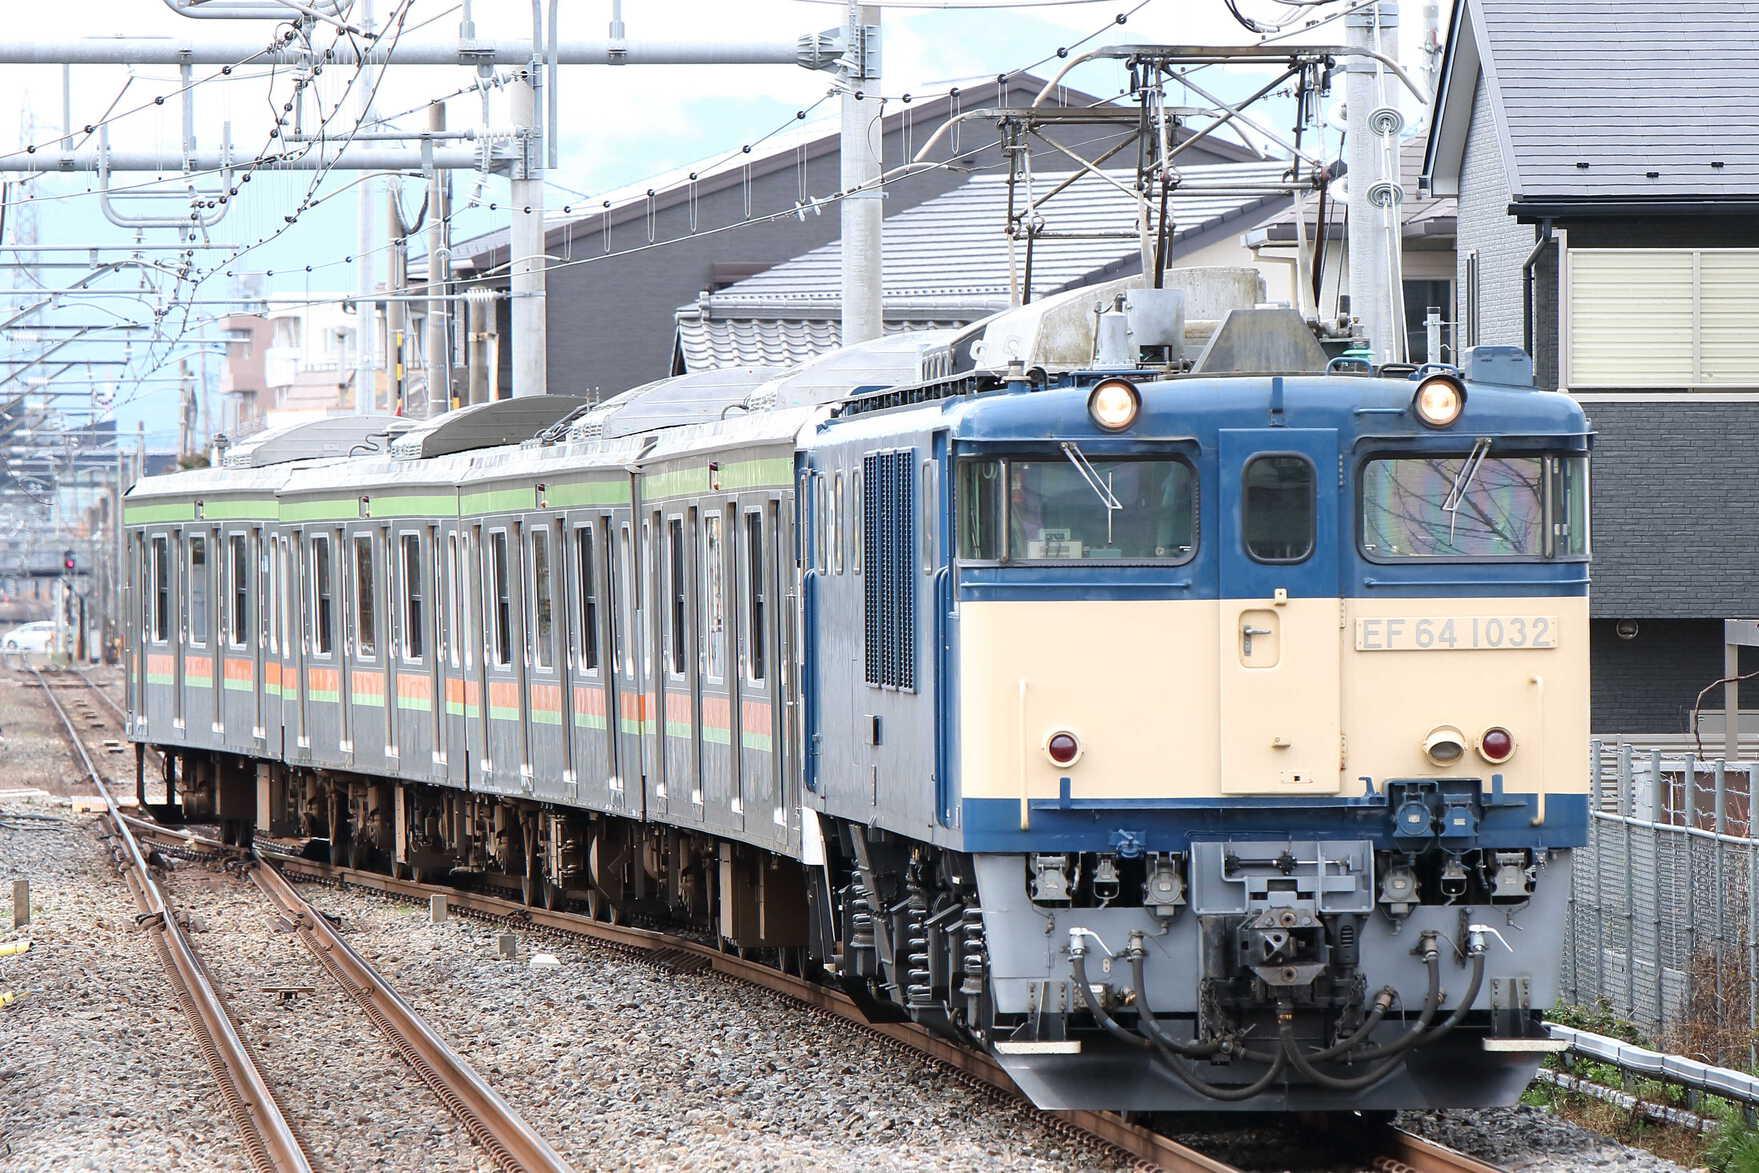 配9564列車 下新田疎開配給 EF64-1032[長岡]+209系 宮ハエ64編成